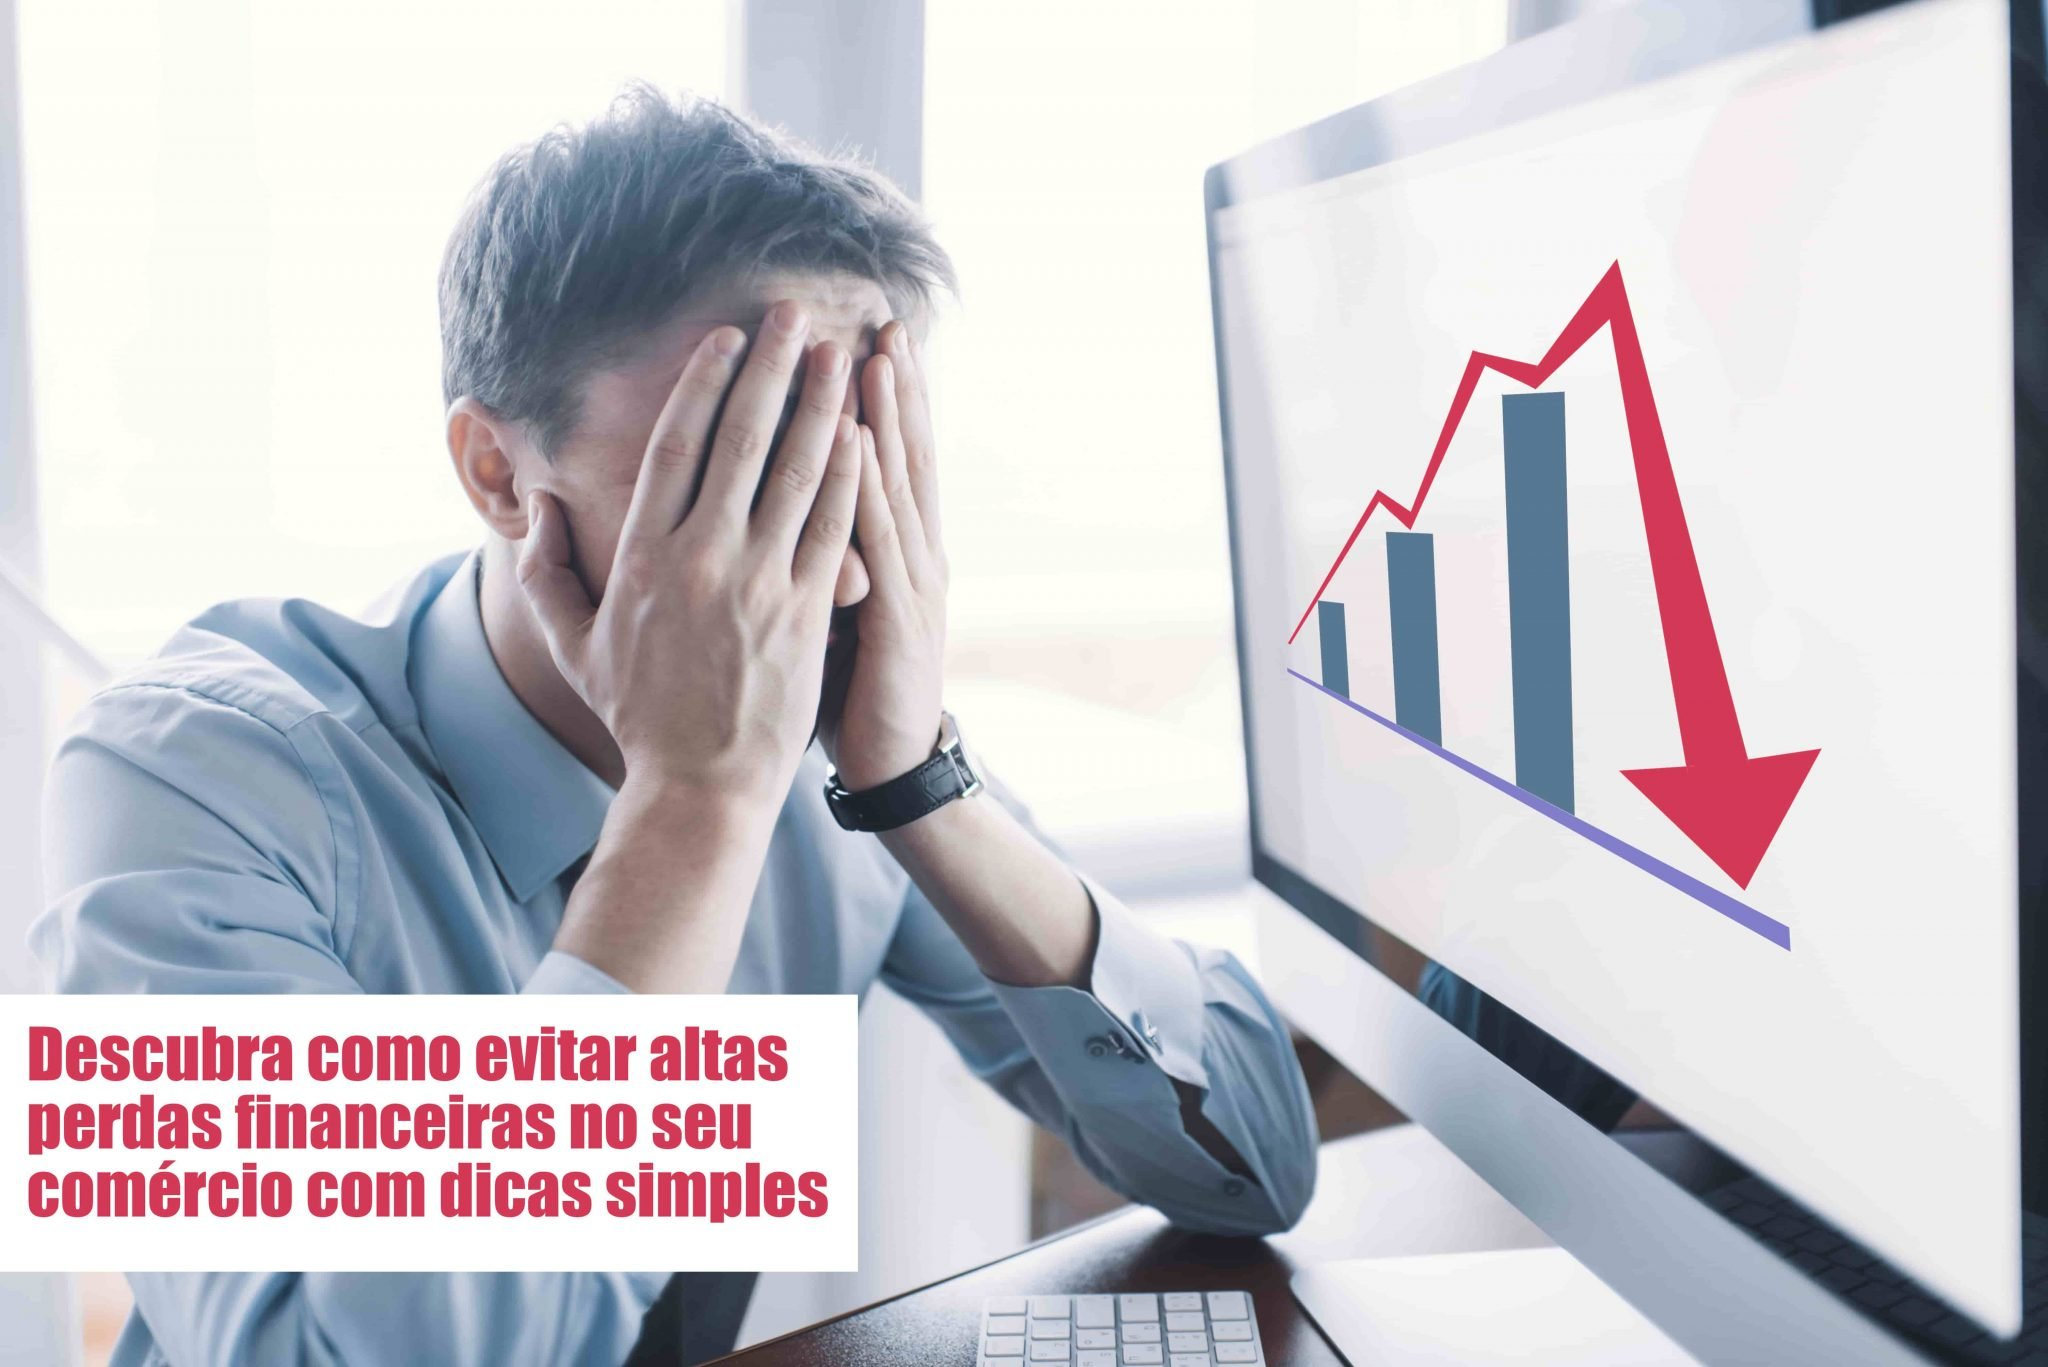 Perdas Financeiras Voce Sabe Como Evitar Notícias E Artigos Contábeis No Rio De Janeiro | Jj Lima Soluções Contabéis - JJ Lima Serviços Contábeis